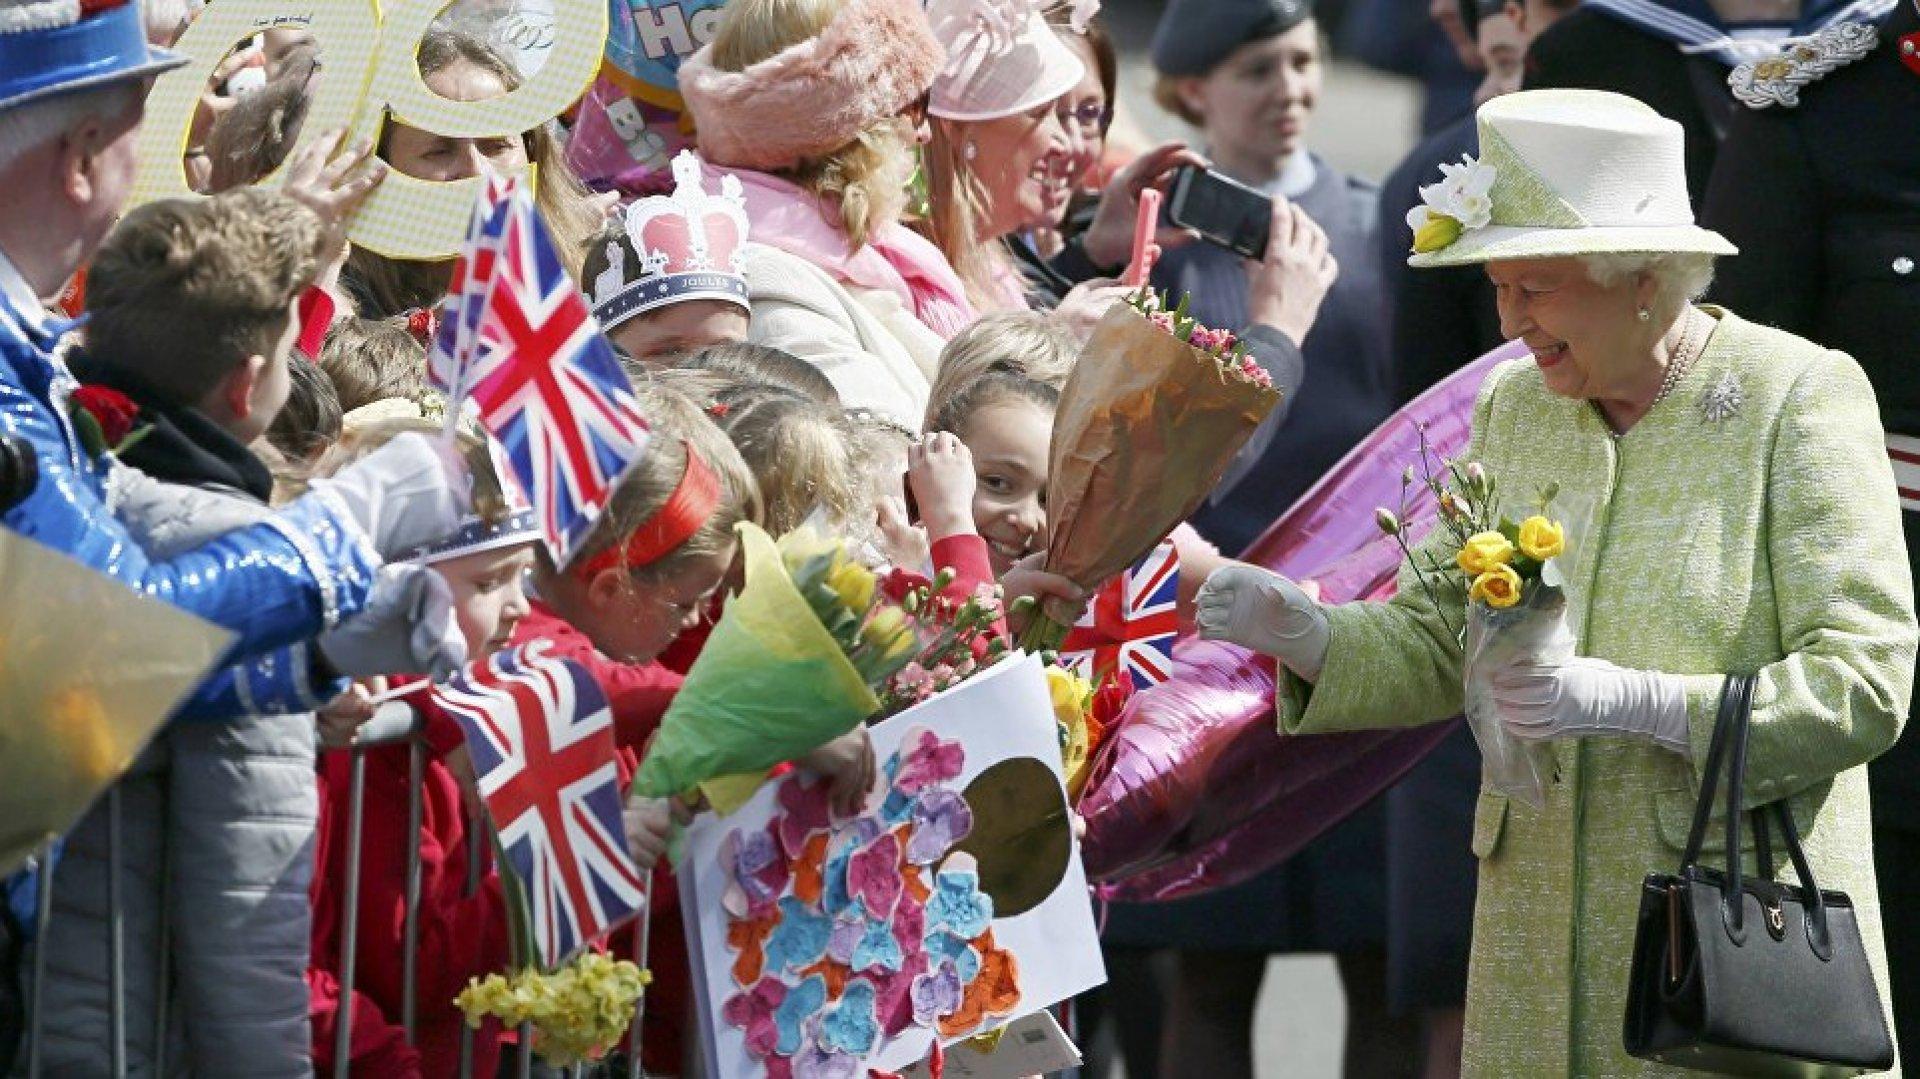 с праздником королева картинки мат капитал нельзя